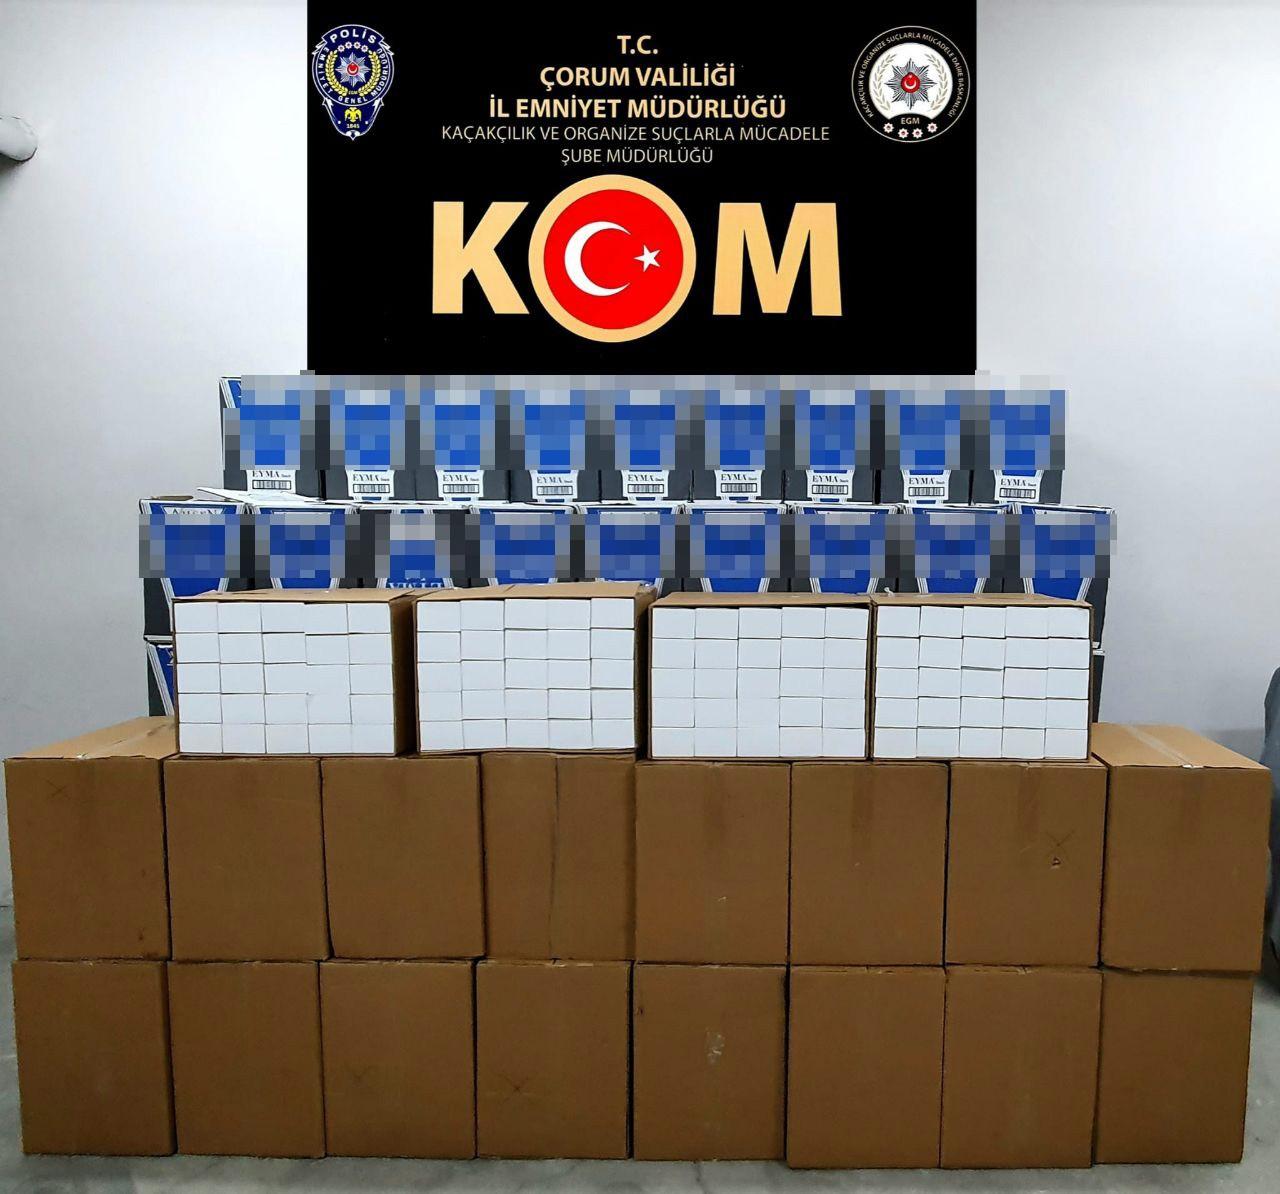 Çorum'da 1 milyon 30 bin kaçak makaron ele geçirildi #corum